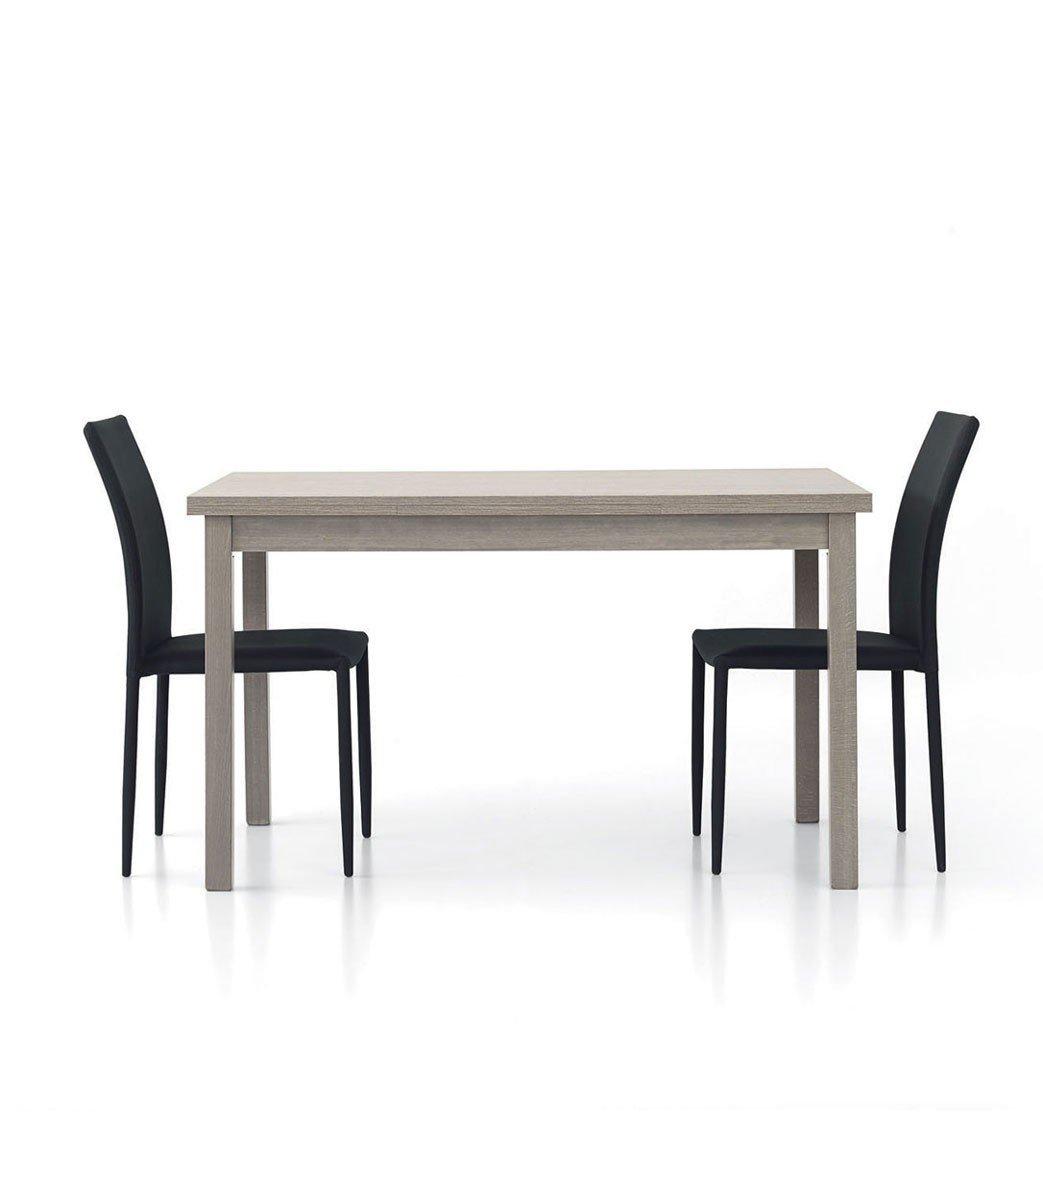 Stile Moderno InHouse srls Tavolo Rovere Moro weng/è con 2 allunghe da 40 cm Mis in MDF Laminato e Struttura in Legno 130 x 80 x 75 Chiuso